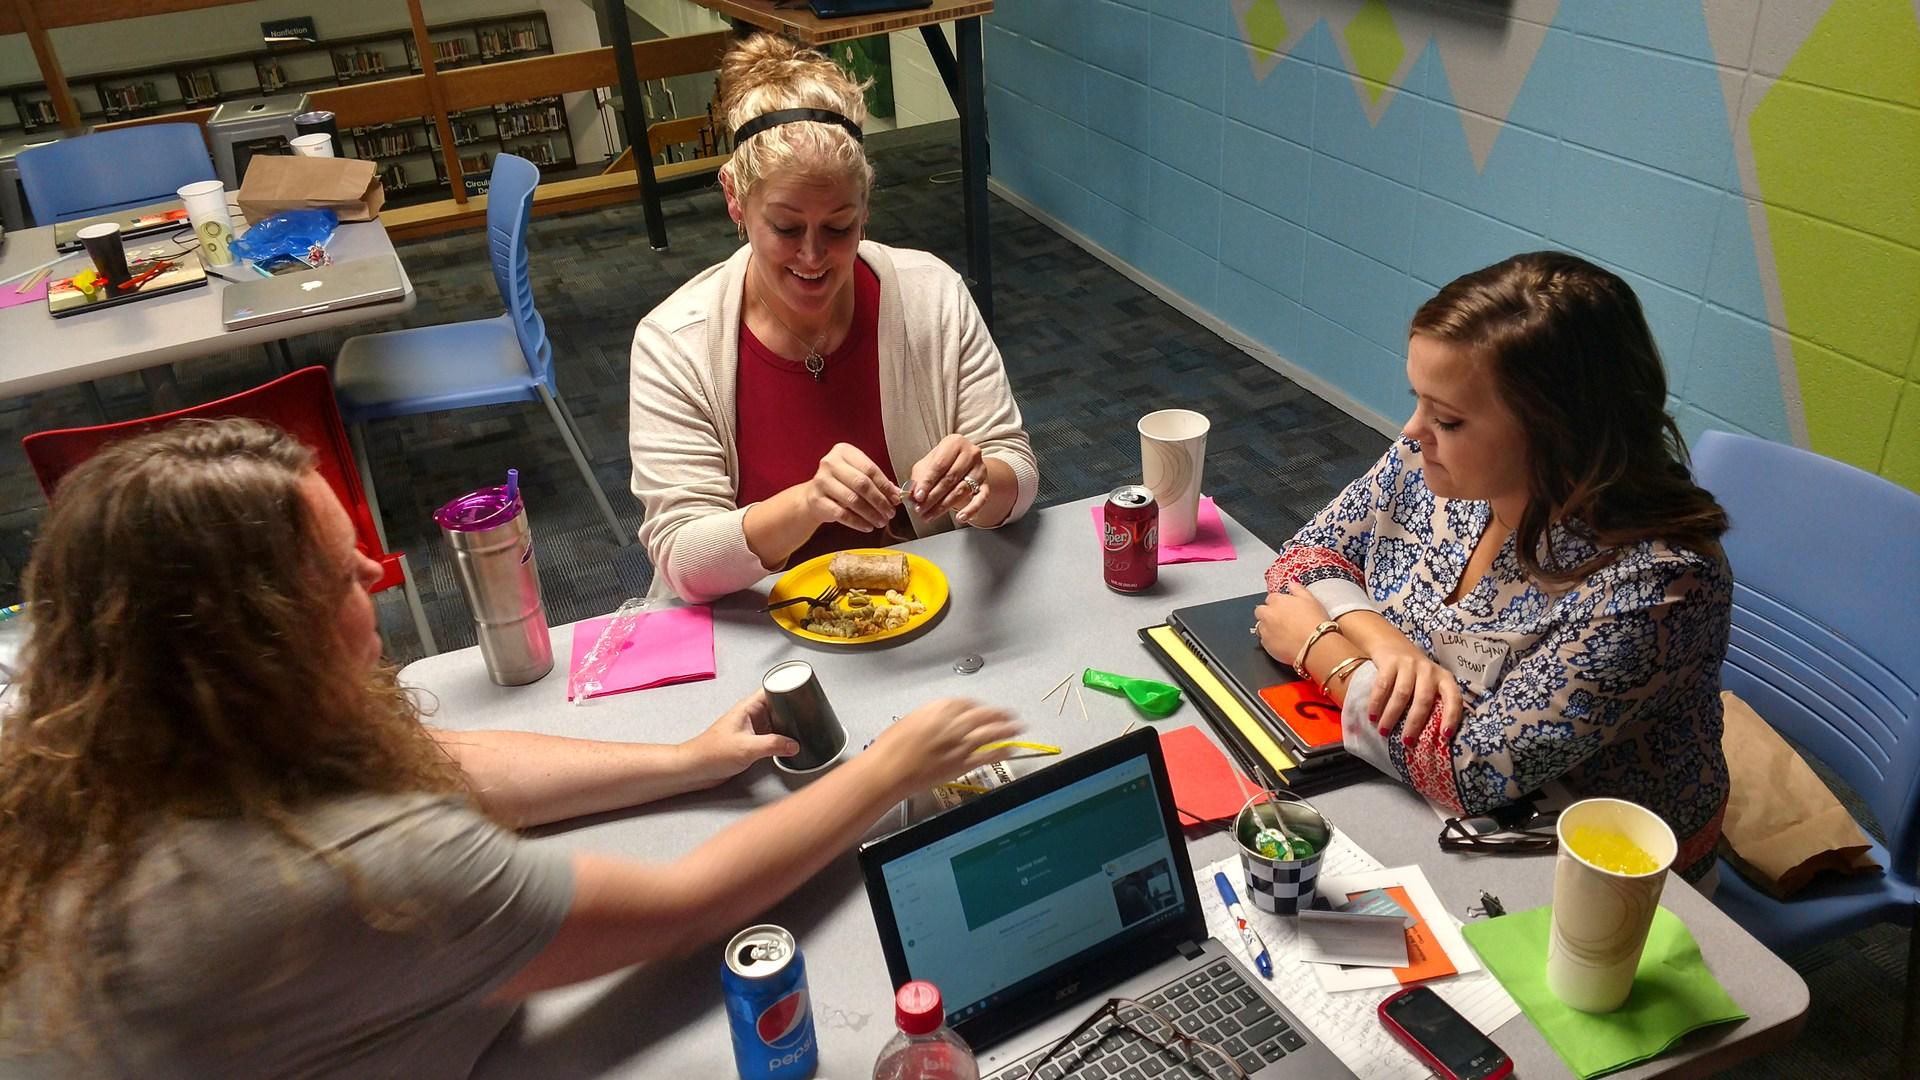 Beginning Teachers work on group activity